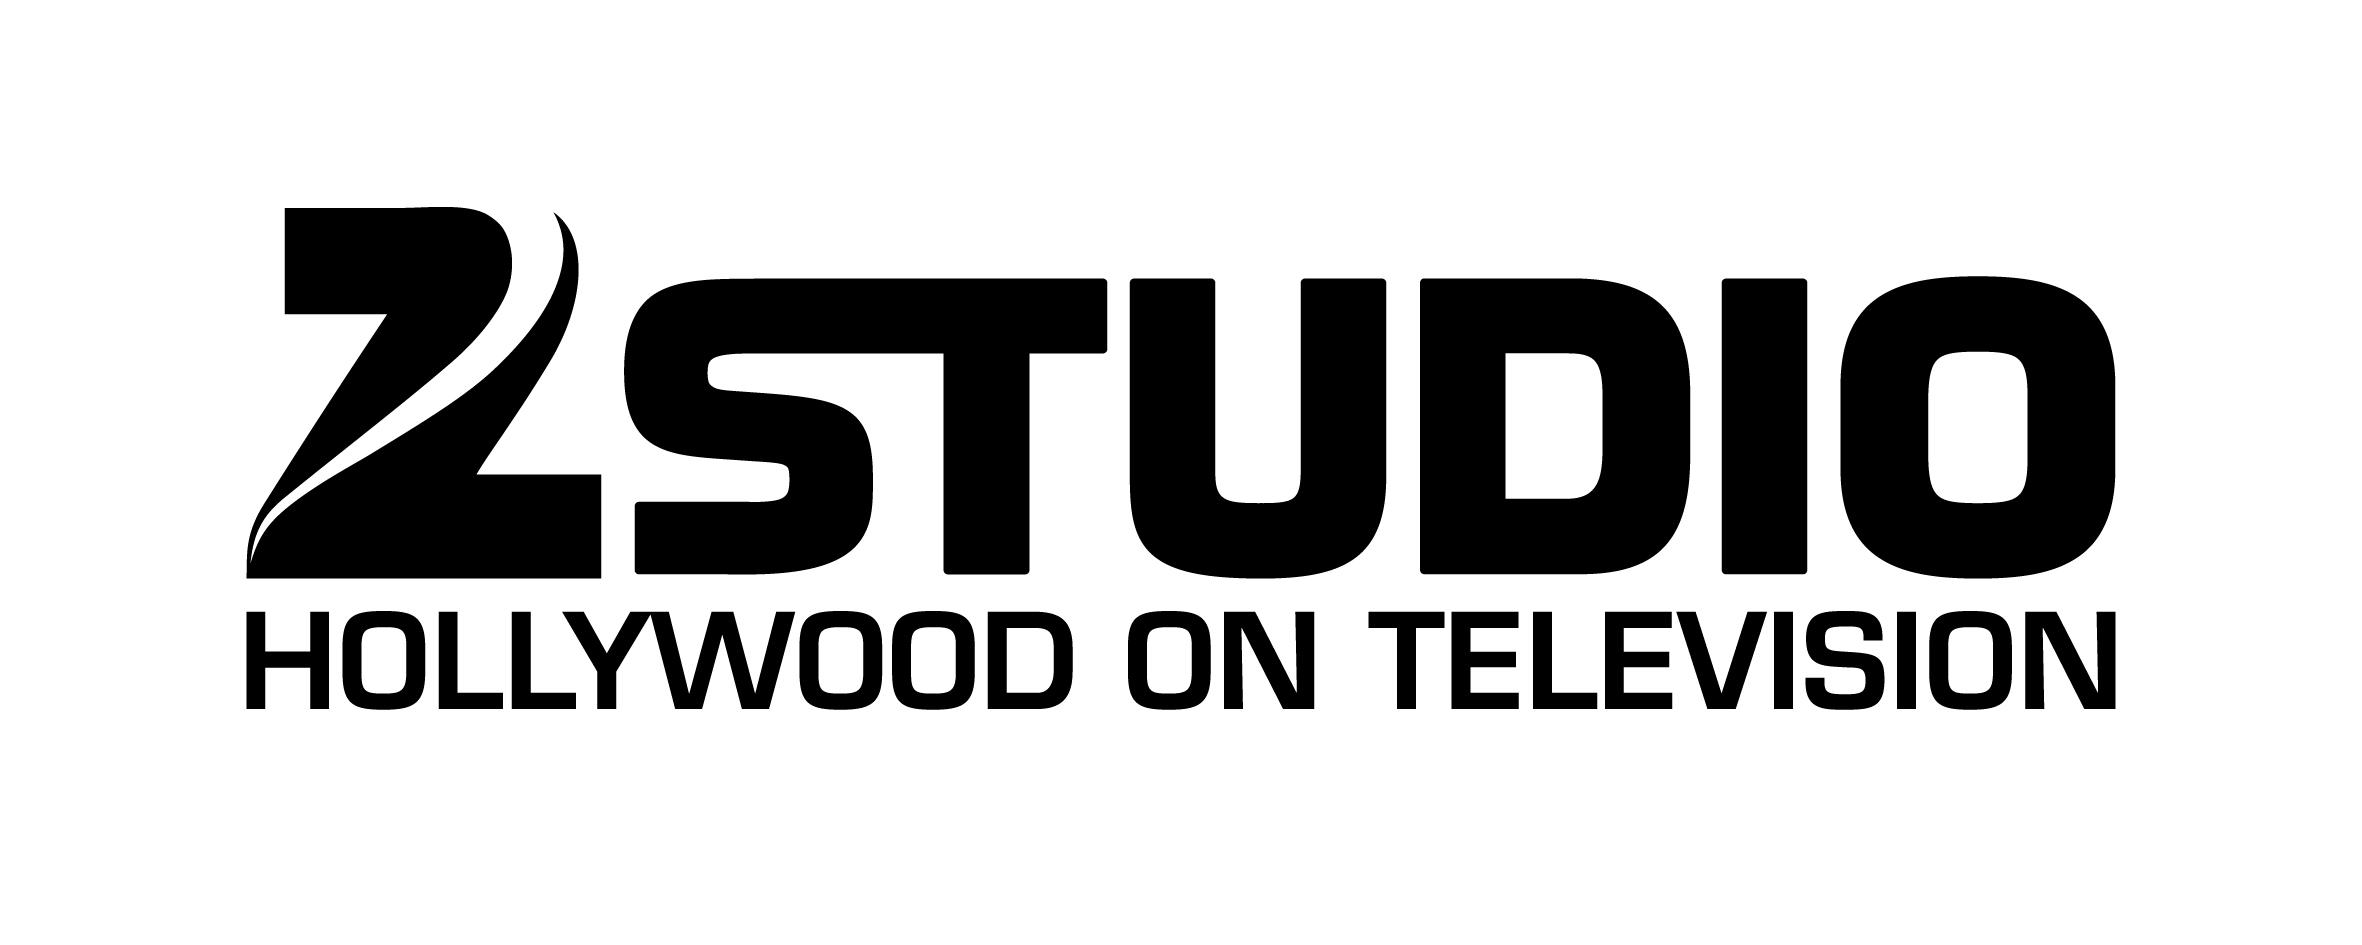 ZEE STUDIO - Reviews, schedule, TV channels, Indian Channels